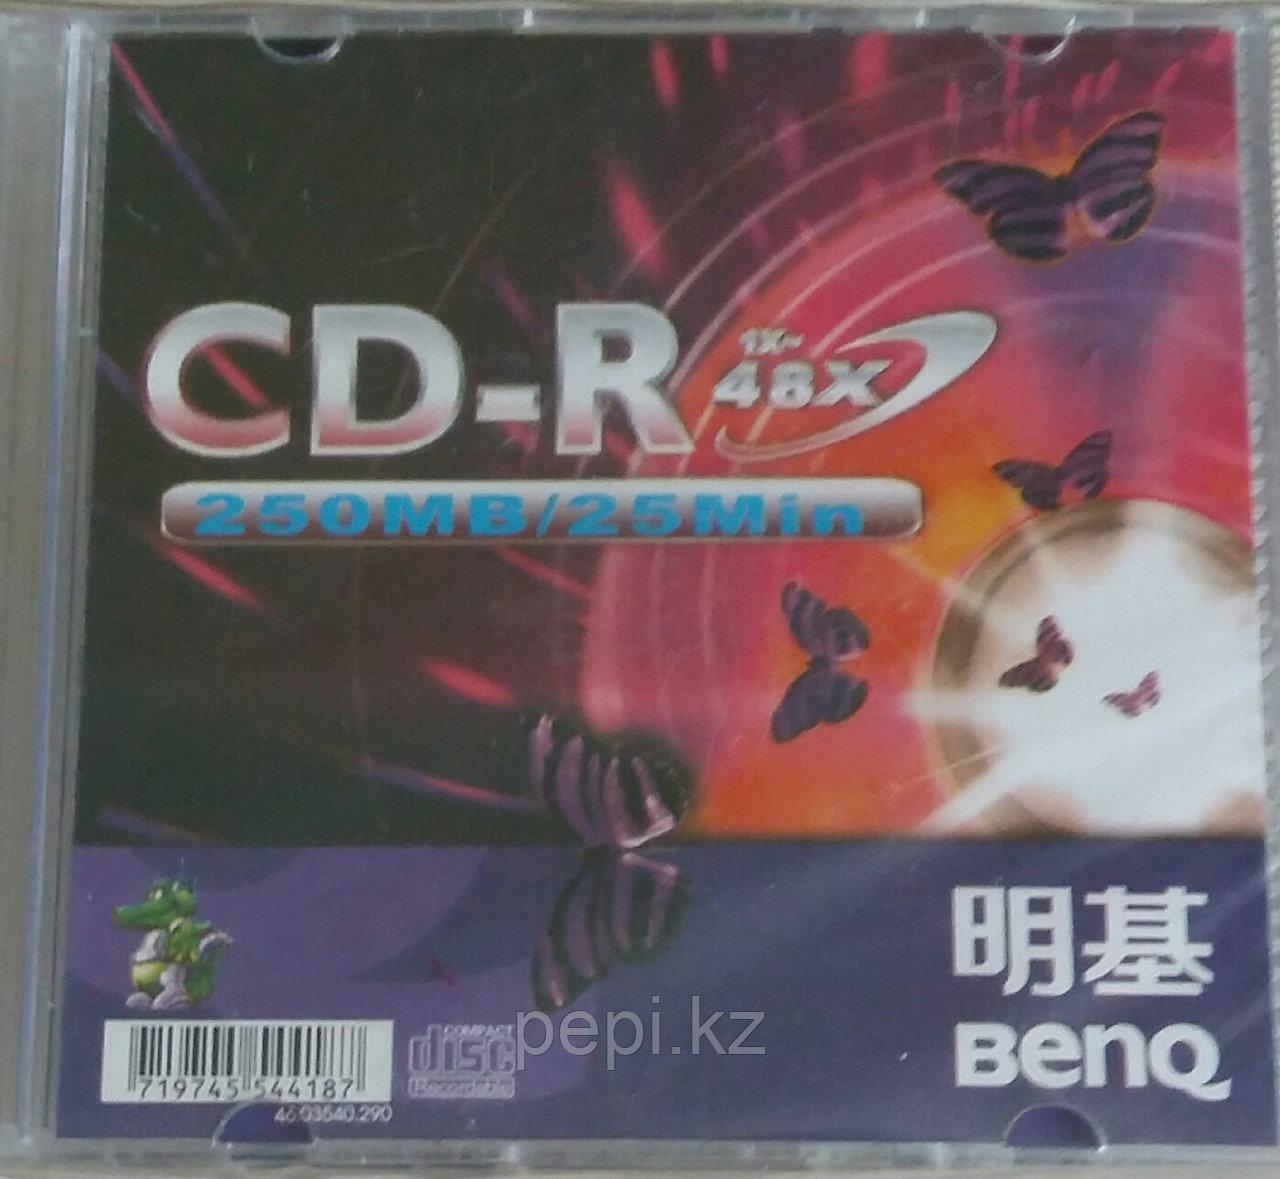 Диск CD-R мини Beng 200Mb/25мин/48х slim case